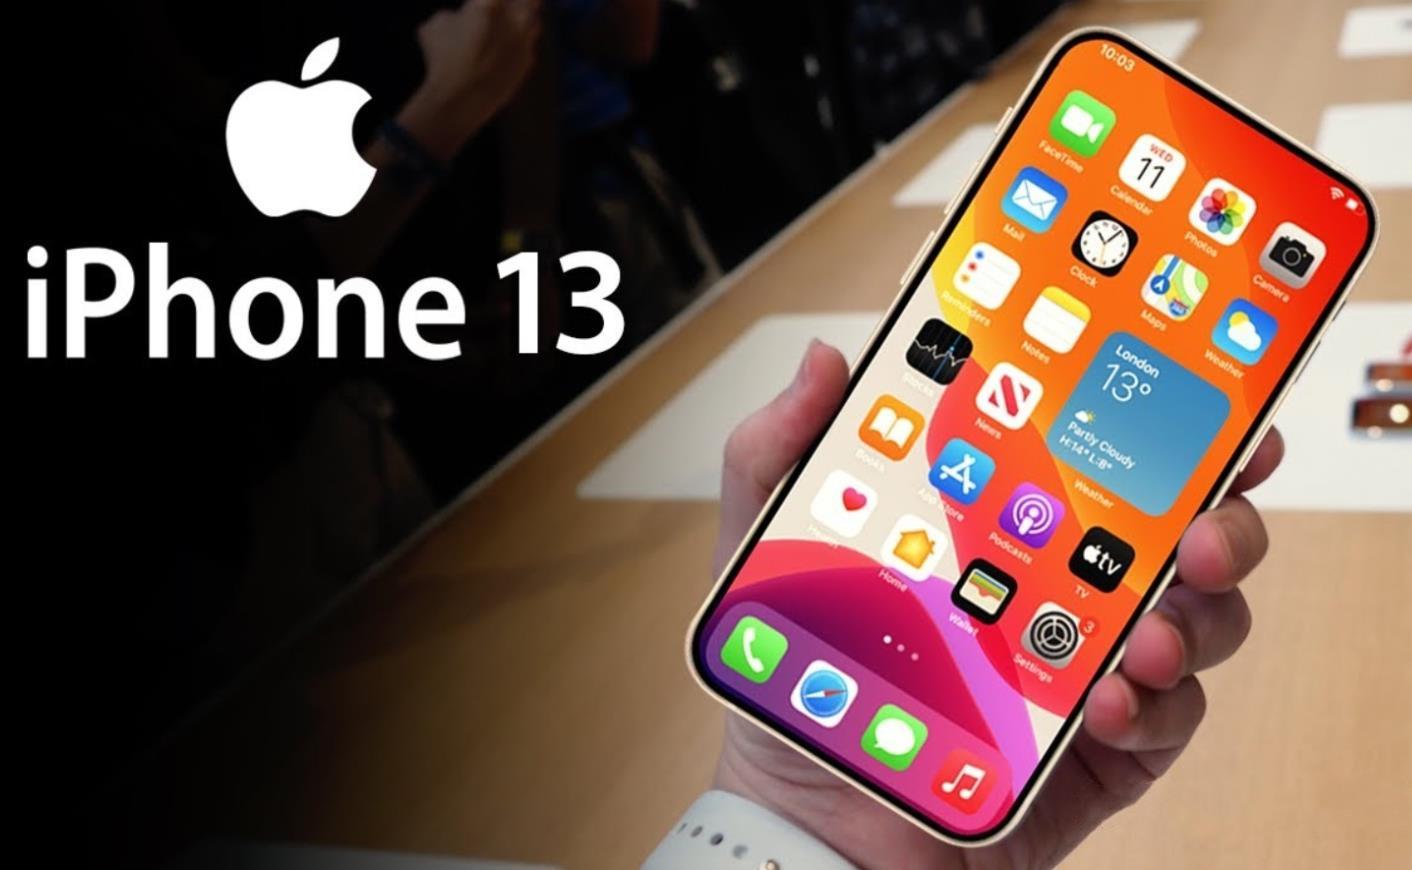 iPhone13最大创新?或支持卫星通信,这是什么高科技,中国能用么